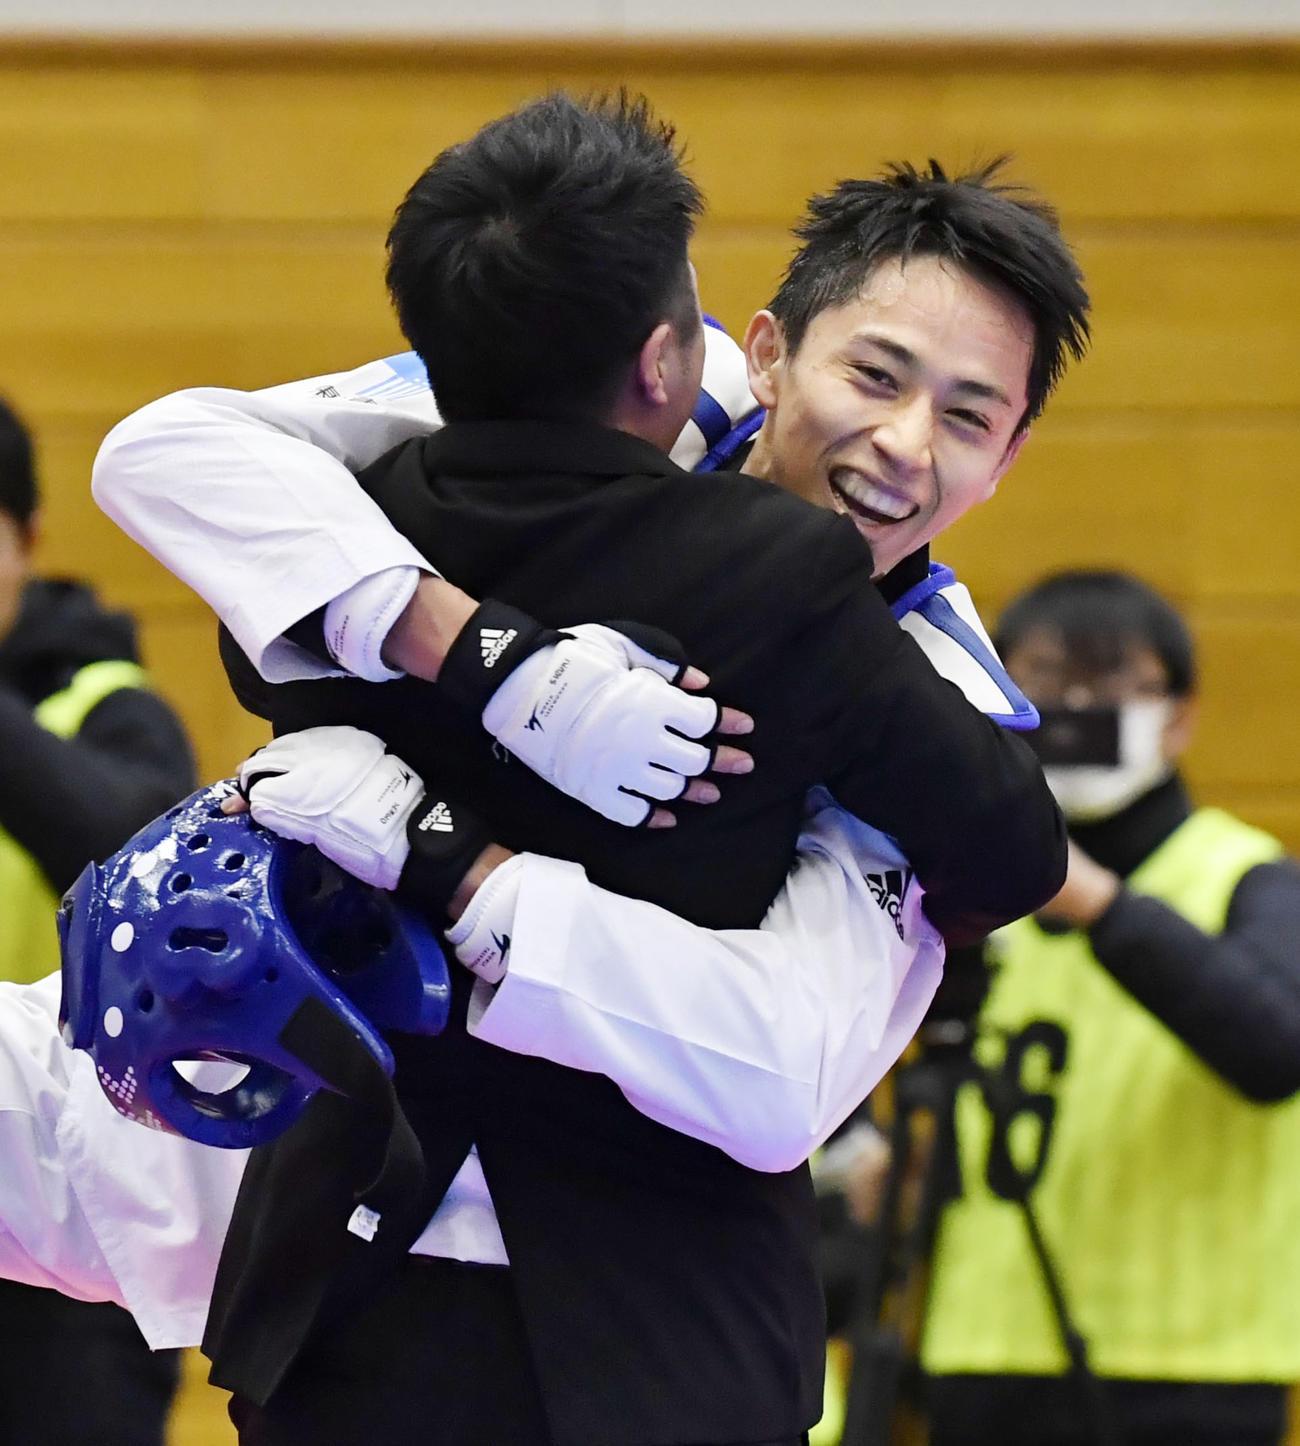 男子58キロ級で東京五輪日本代表に決まり、笑顔で関係者と抱き合う鈴木セルヒオ(共同)